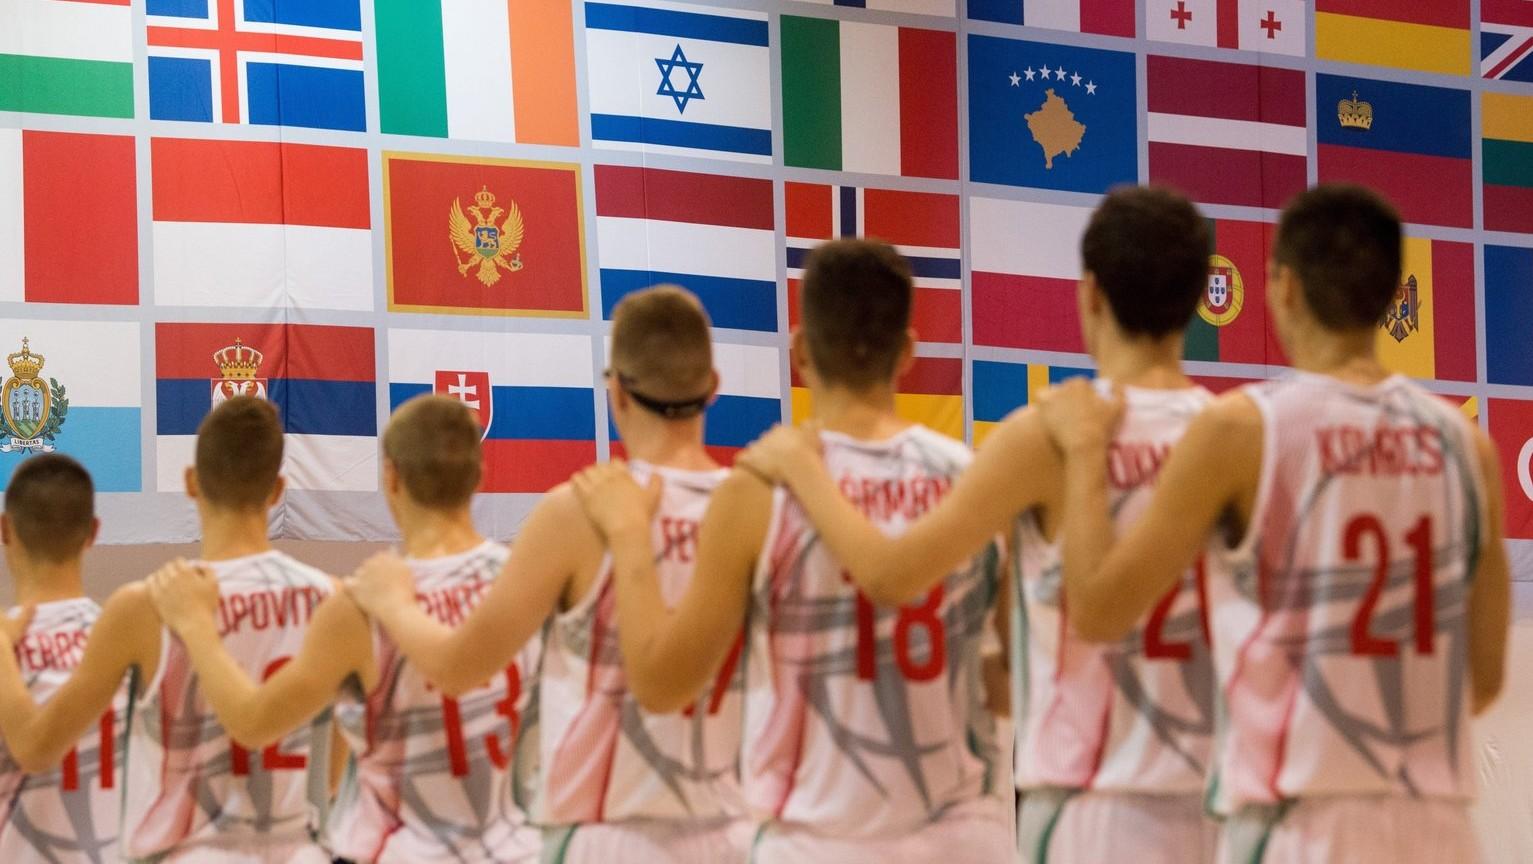 A magyar csapat hallgatja a Himnuszt a Magyarország - Törökország férfi kosárlabda mérkőzés előtt a 14. nyári Európai Ifjúsági Olimpiai Fesztiválon (EYOF) a győri Bercsényi Miklós Közlekedési és Sportiskolai Szakgimnáziumban 2017. július 24-én. MTI Fotó: Balogh Zoltán